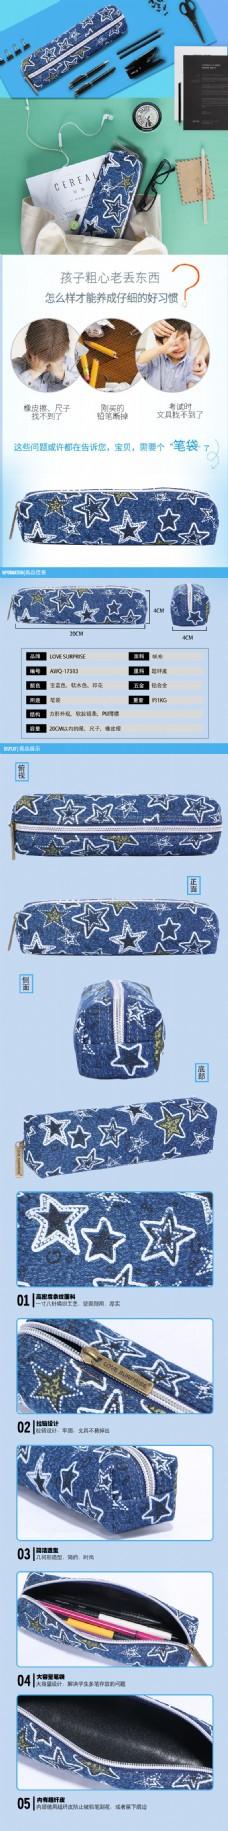 方形星星笔袋详情页